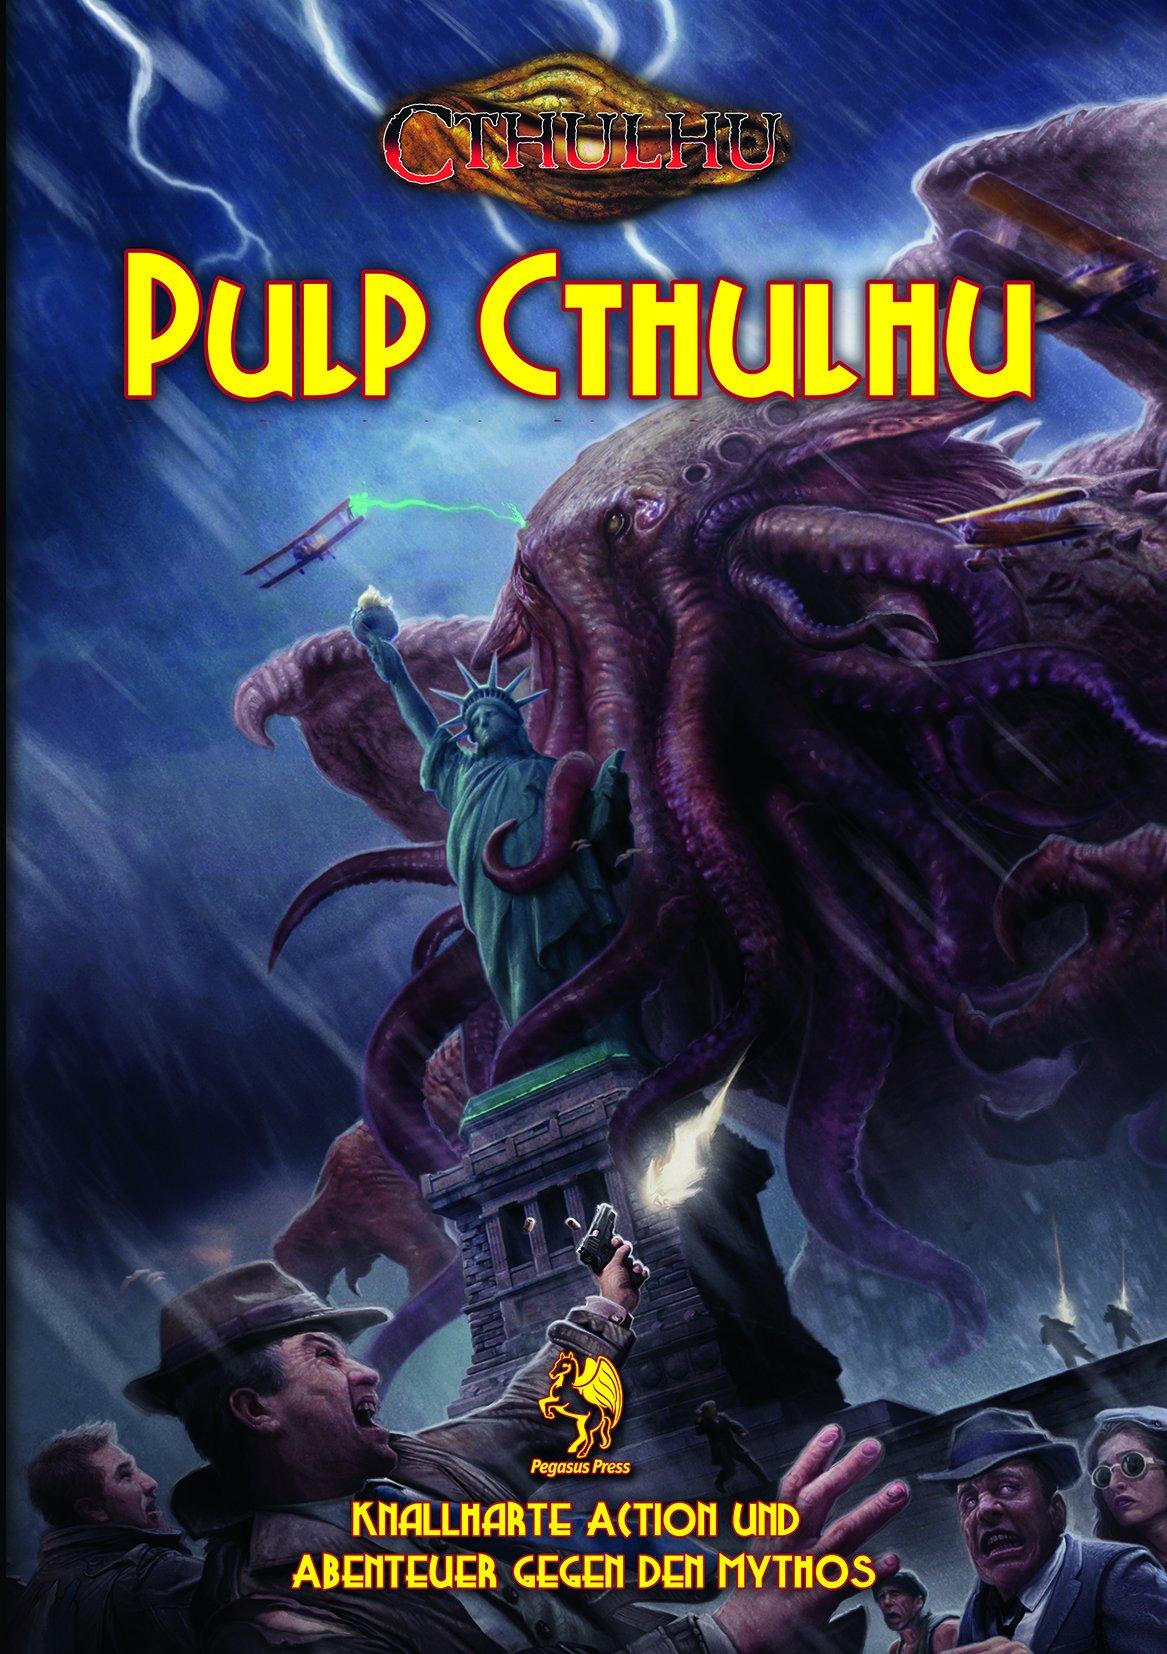 Cthulhu: Pulp Cthulhu (Softcover) *limitierte Ausgabe* Gebundenes Buch – 15. Mai 2018 Pegasus Spiele GmbH 3957891760 Spielen / Raten Rollenspiel